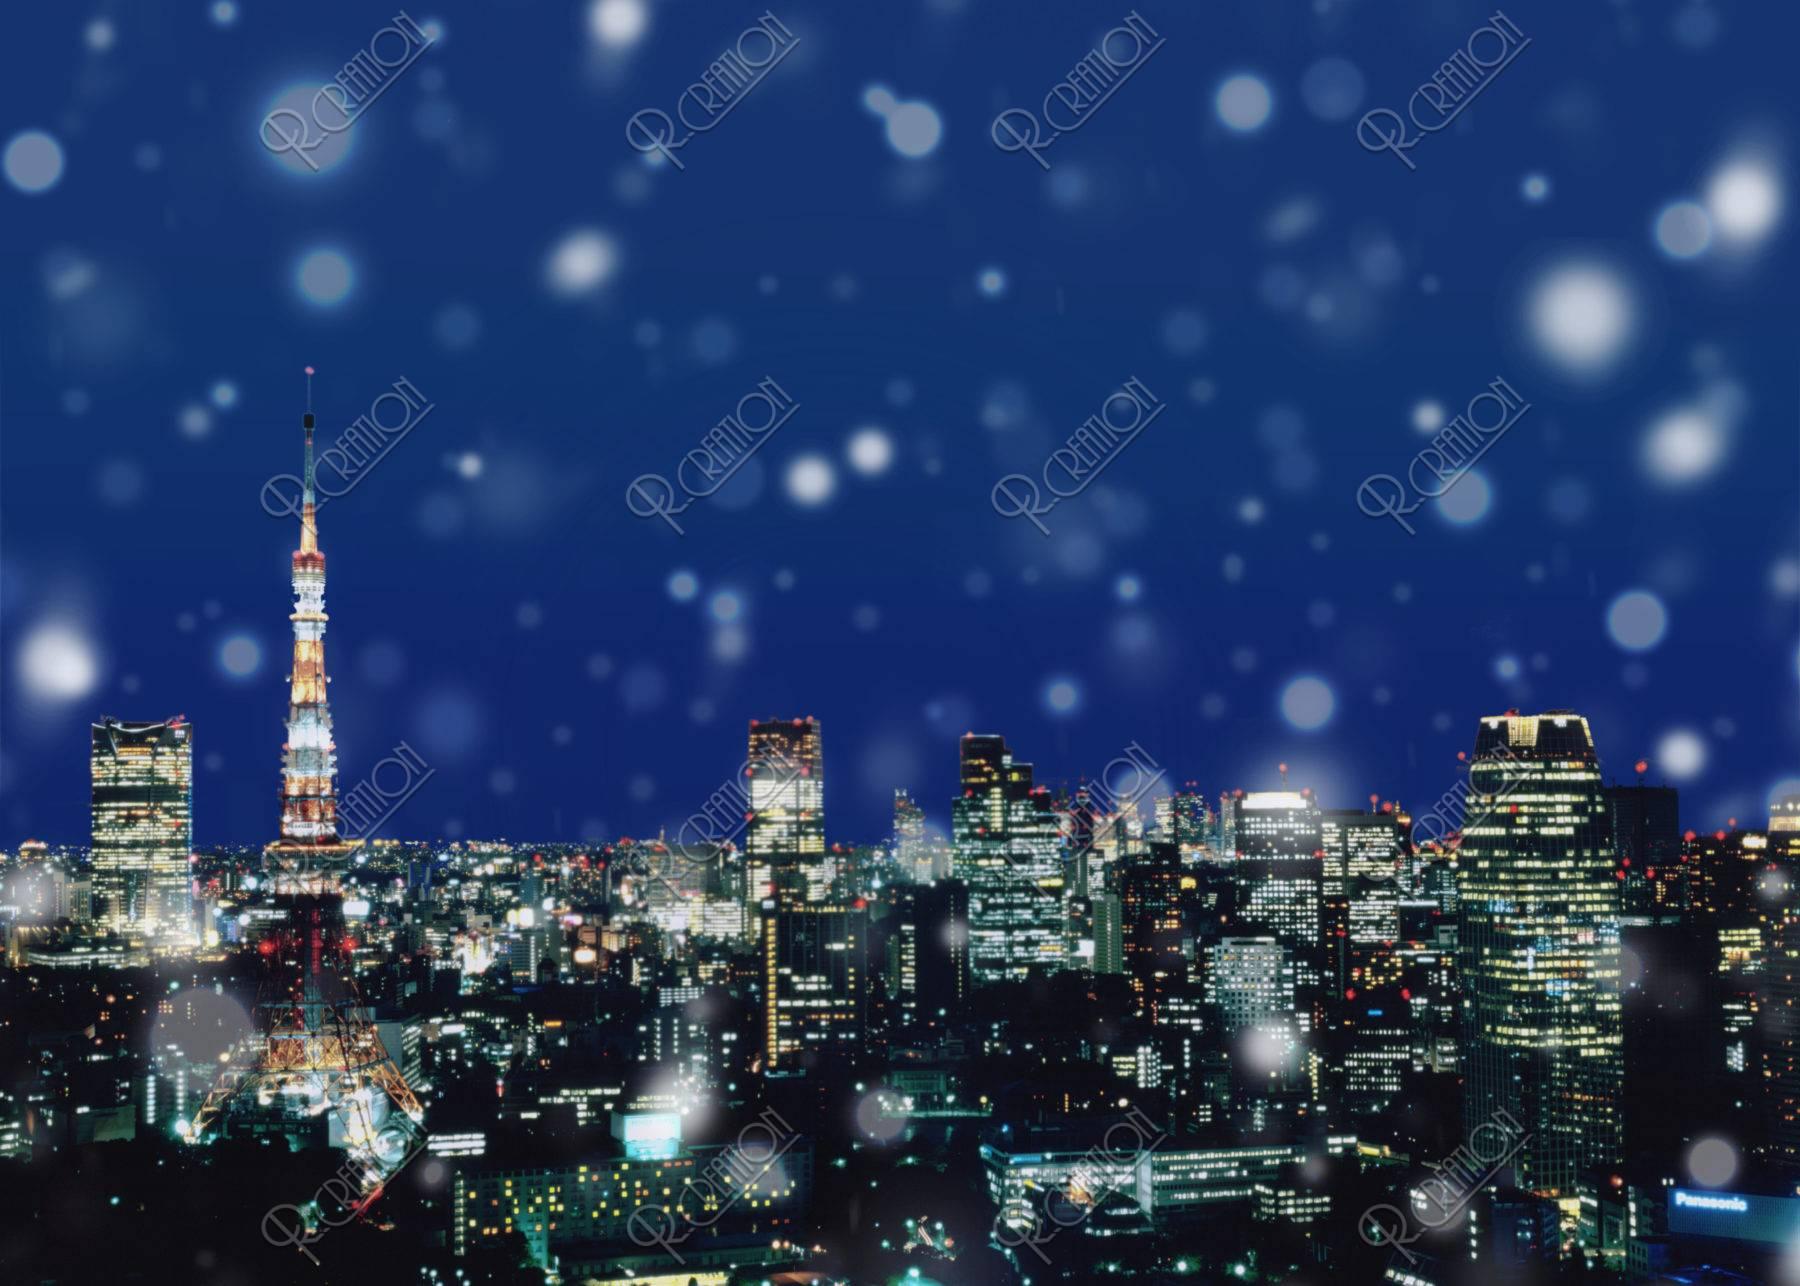 雪の東京タワー夜景